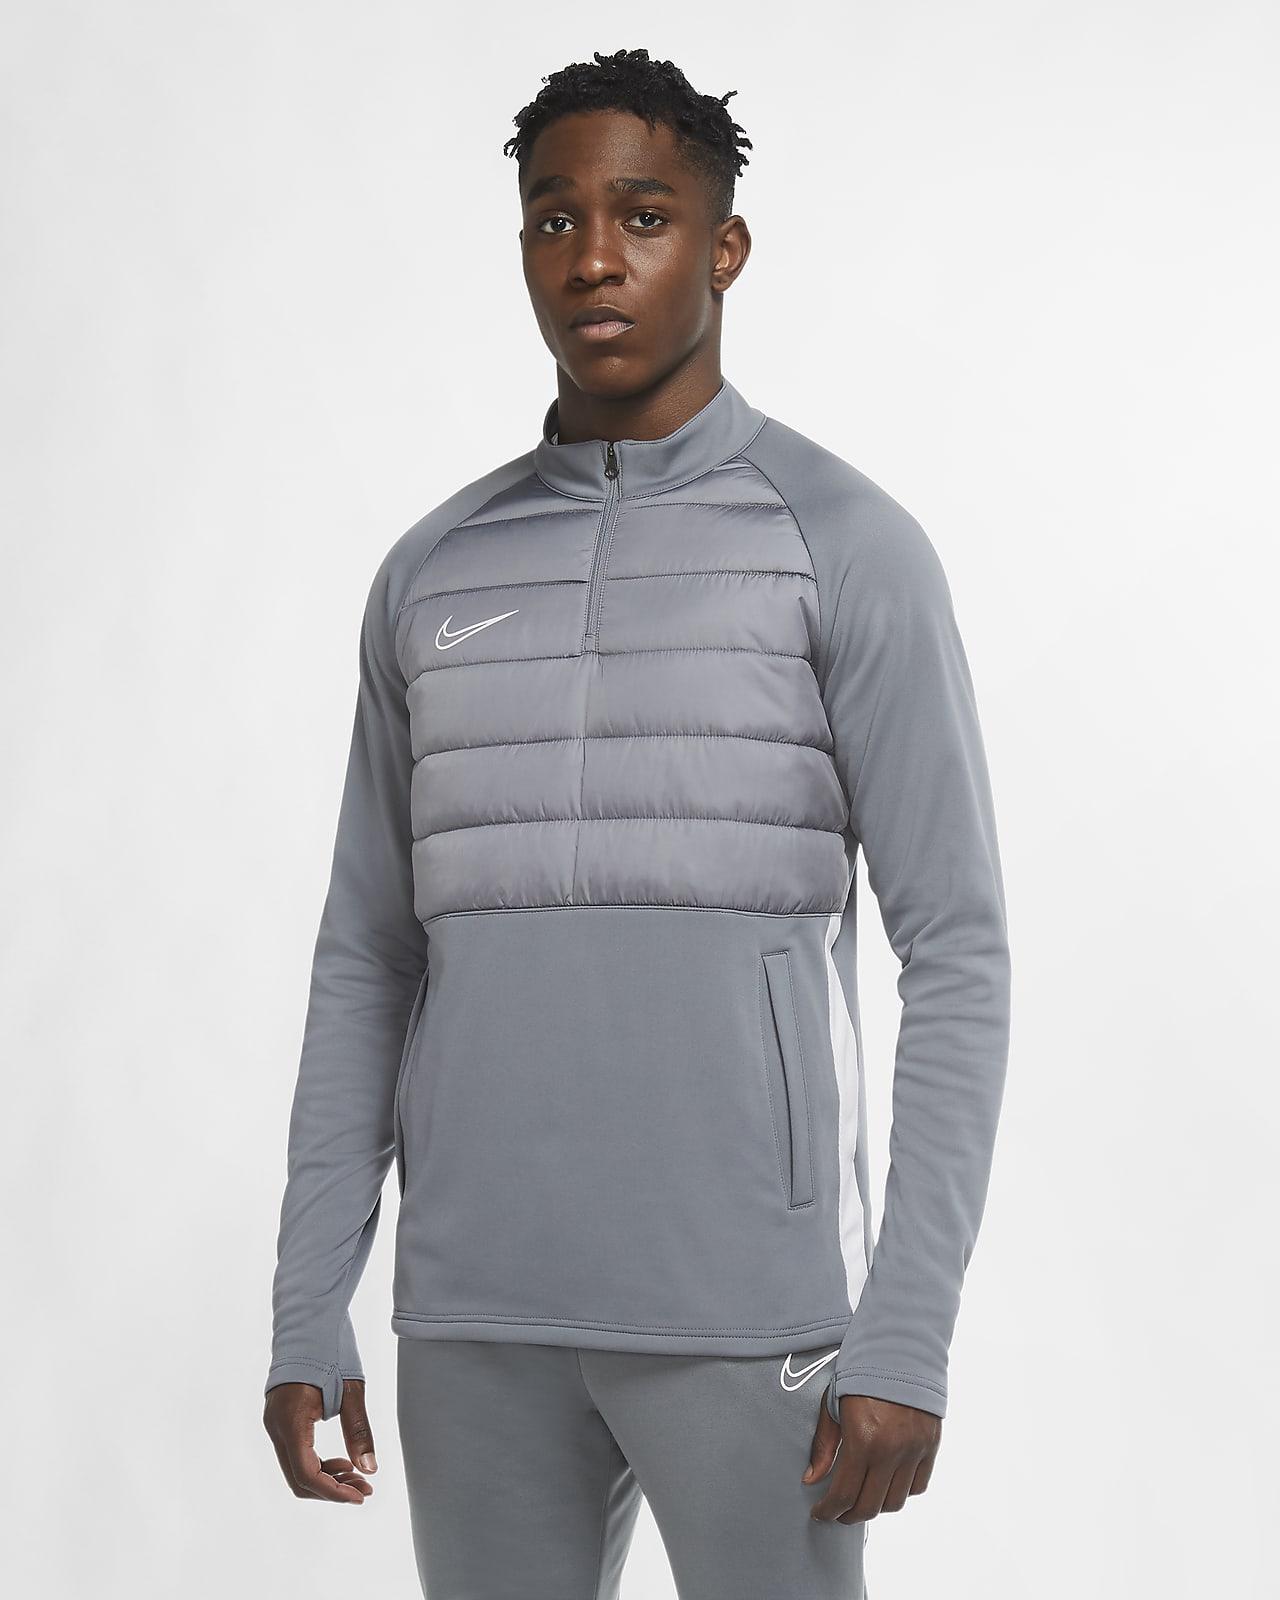 Maglia da calcio per allenamento Nike Dri-FIT Academy Winter Warrior - Uomo